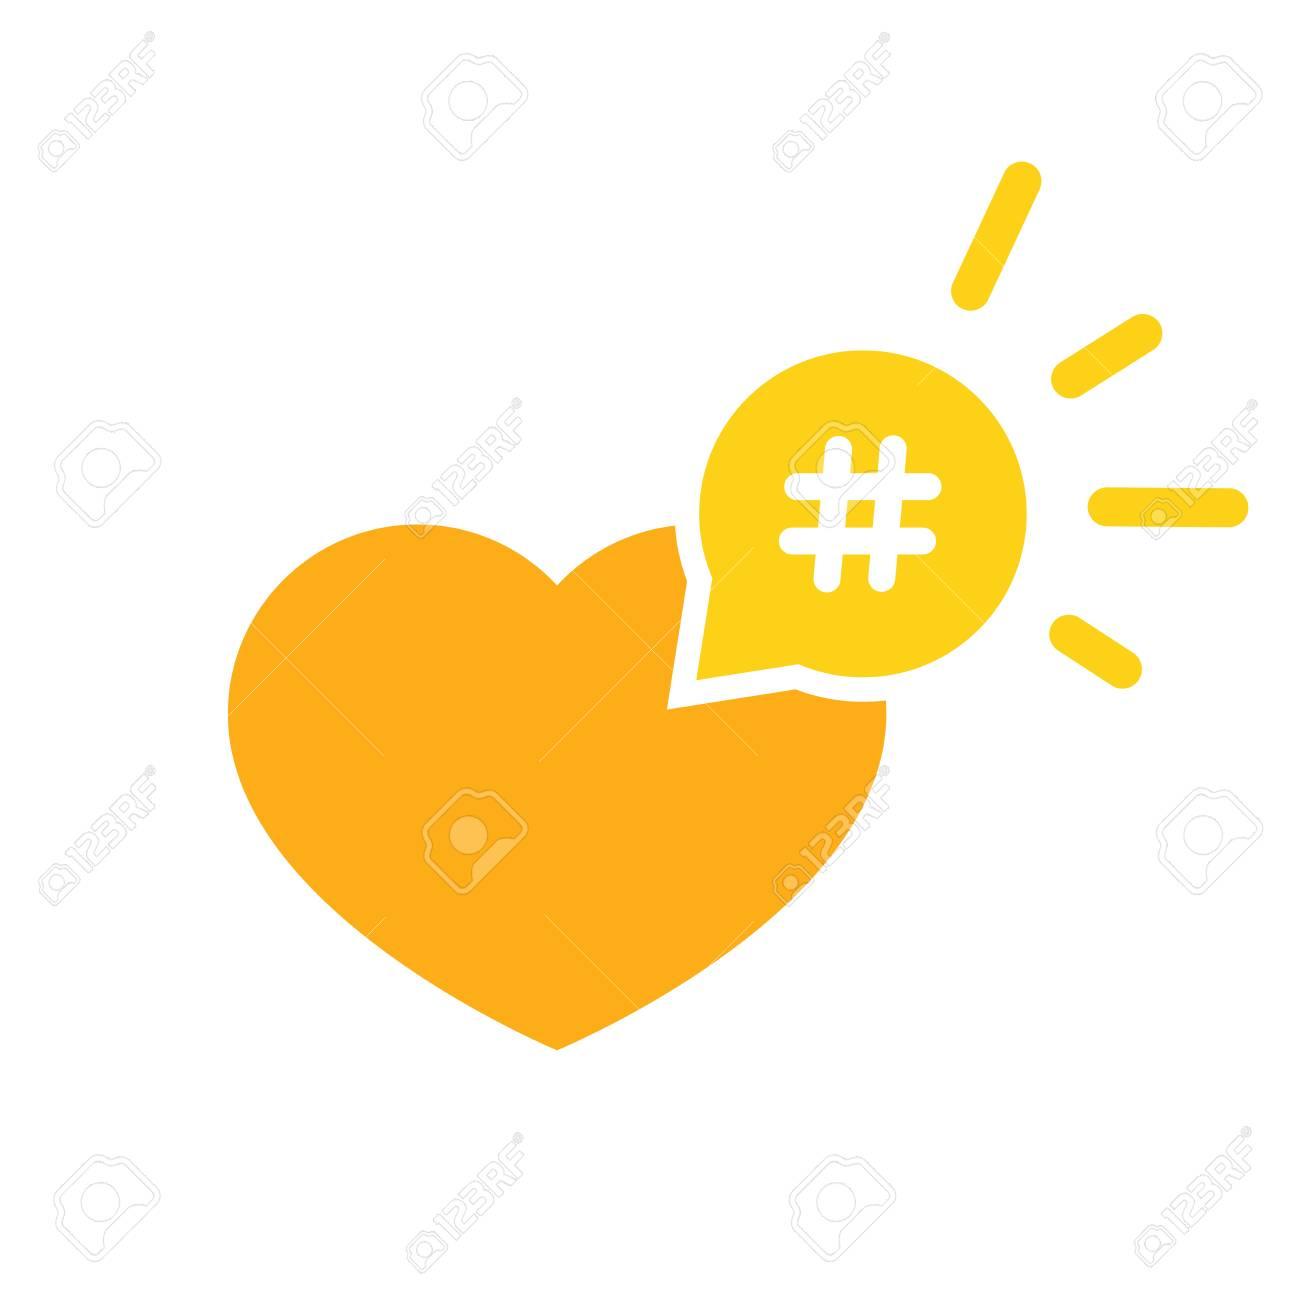 Foto de archivo - Icono hashtag como corazón - promoción de citas y el  mensaje de entretenimiento concepto excelente .